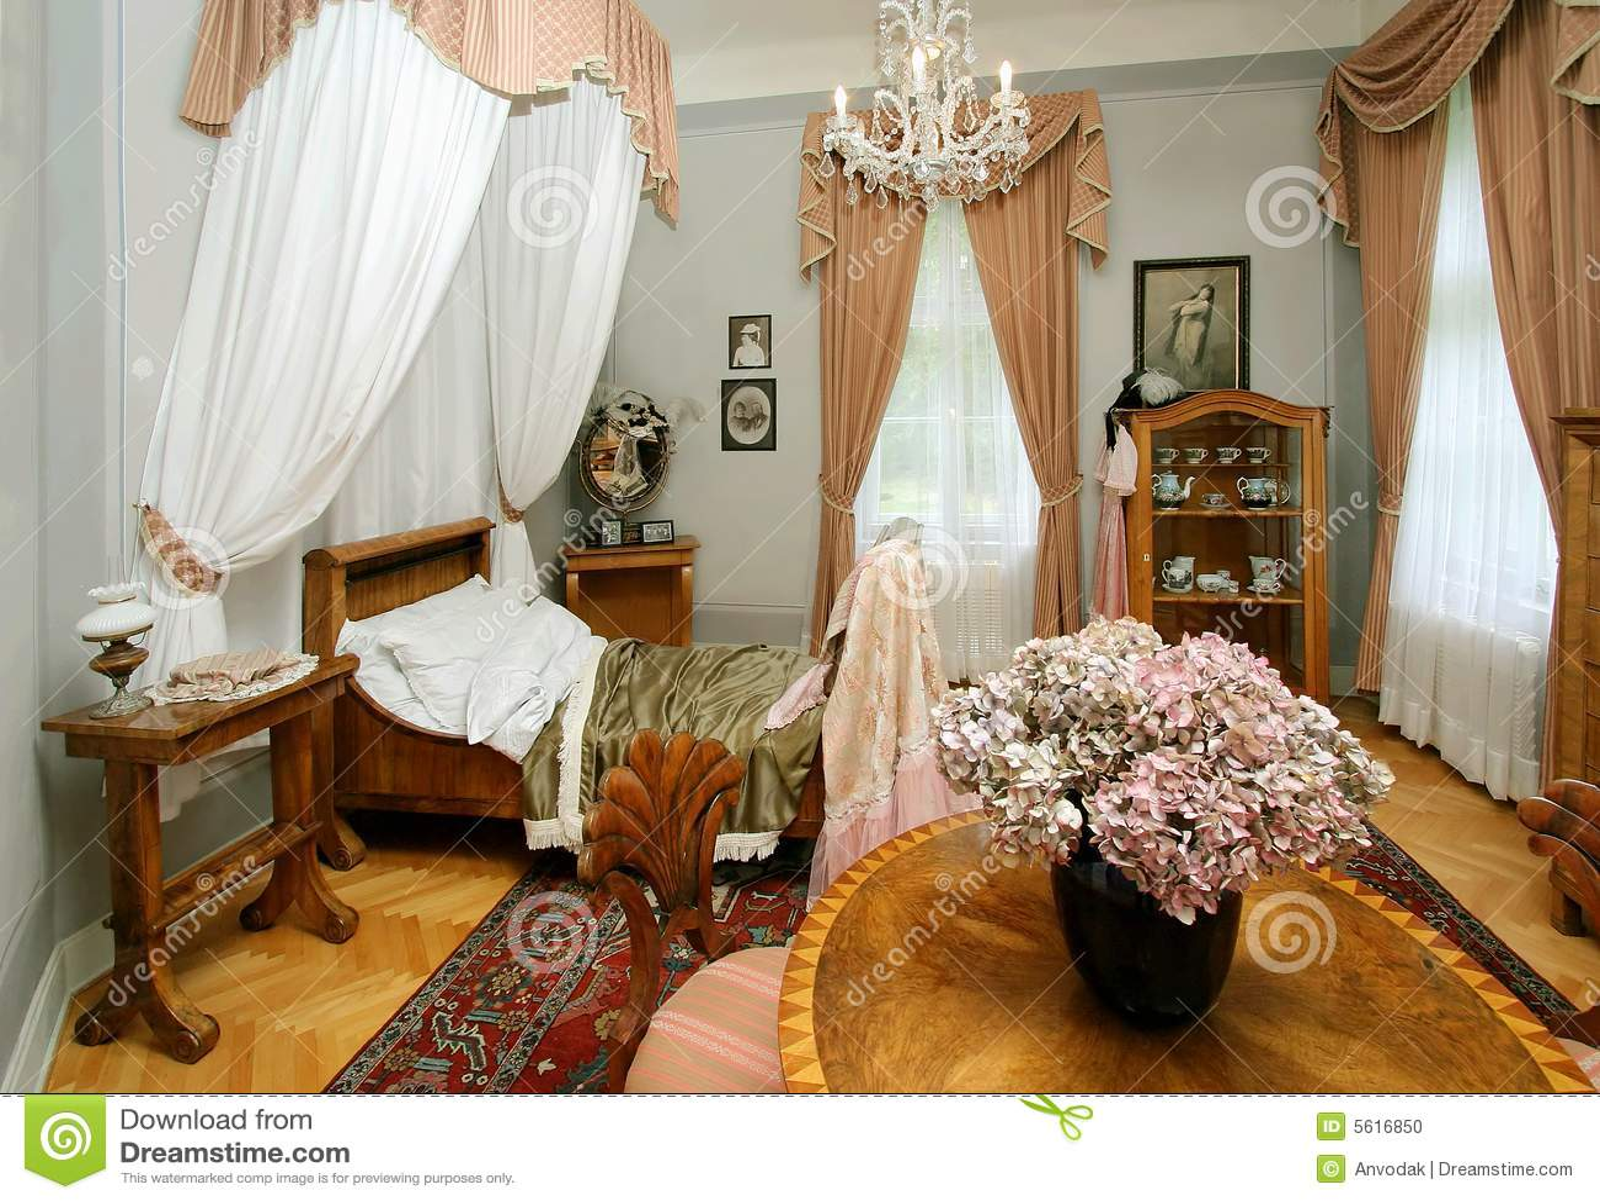 altes schlafzimmer stockfoto - bild: 5616850, Schlafzimmer entwurf